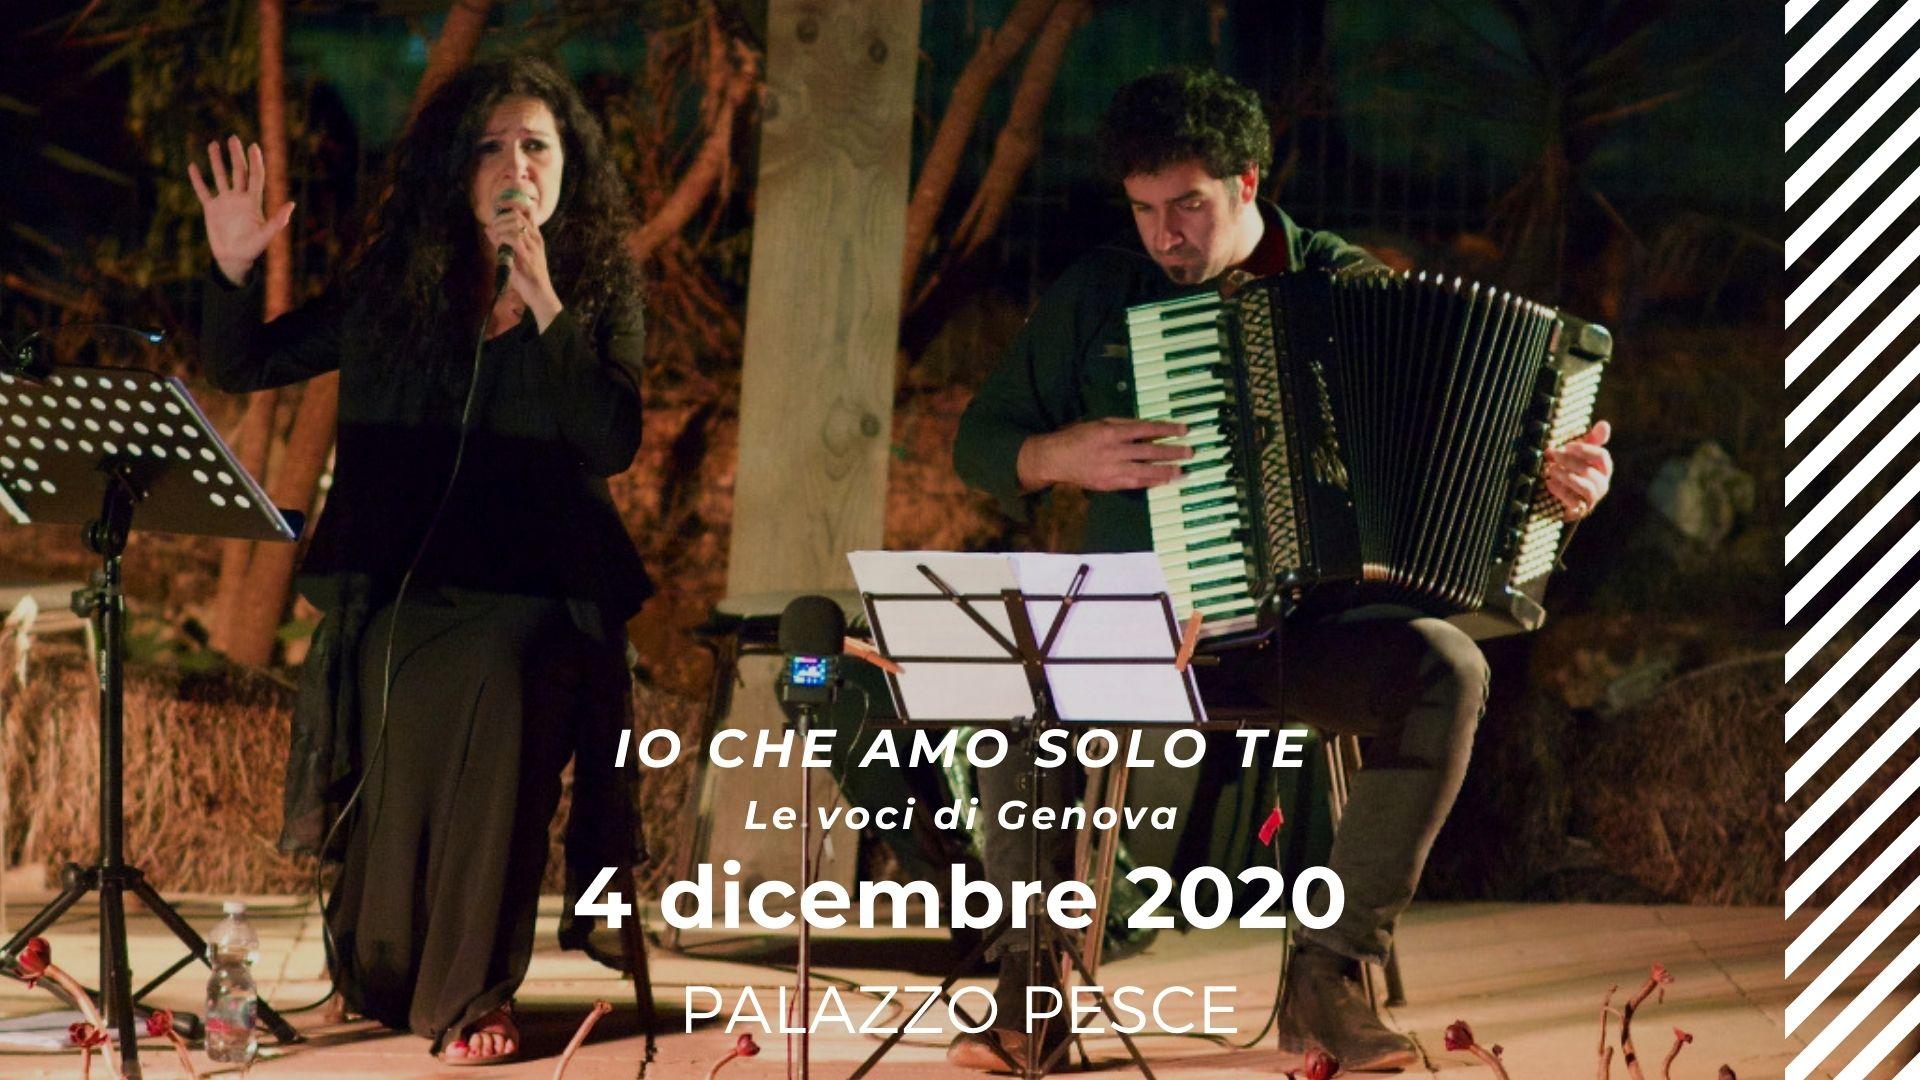 4 dicembre 2020 le voci di genova a Palazzo Pesce